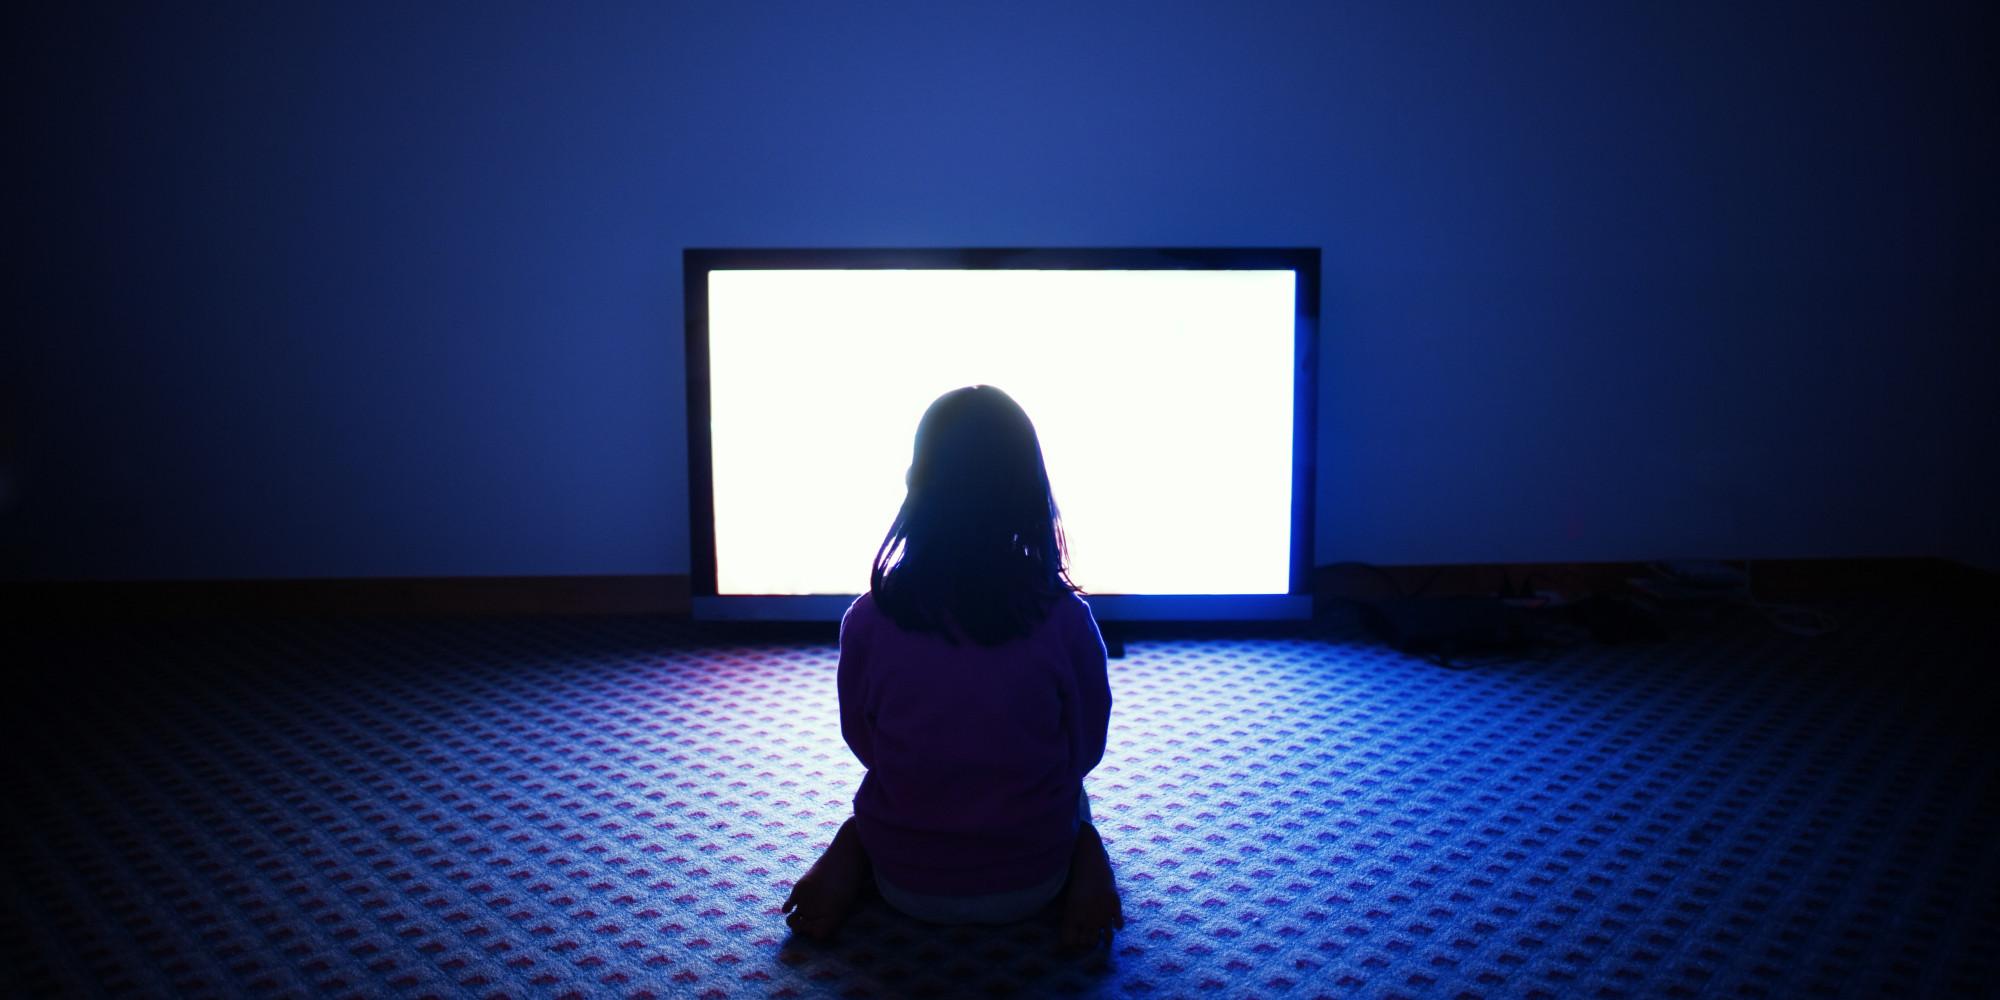 Αποτέλεσμα εικόνας για βγαλτε τις τηλεοραση